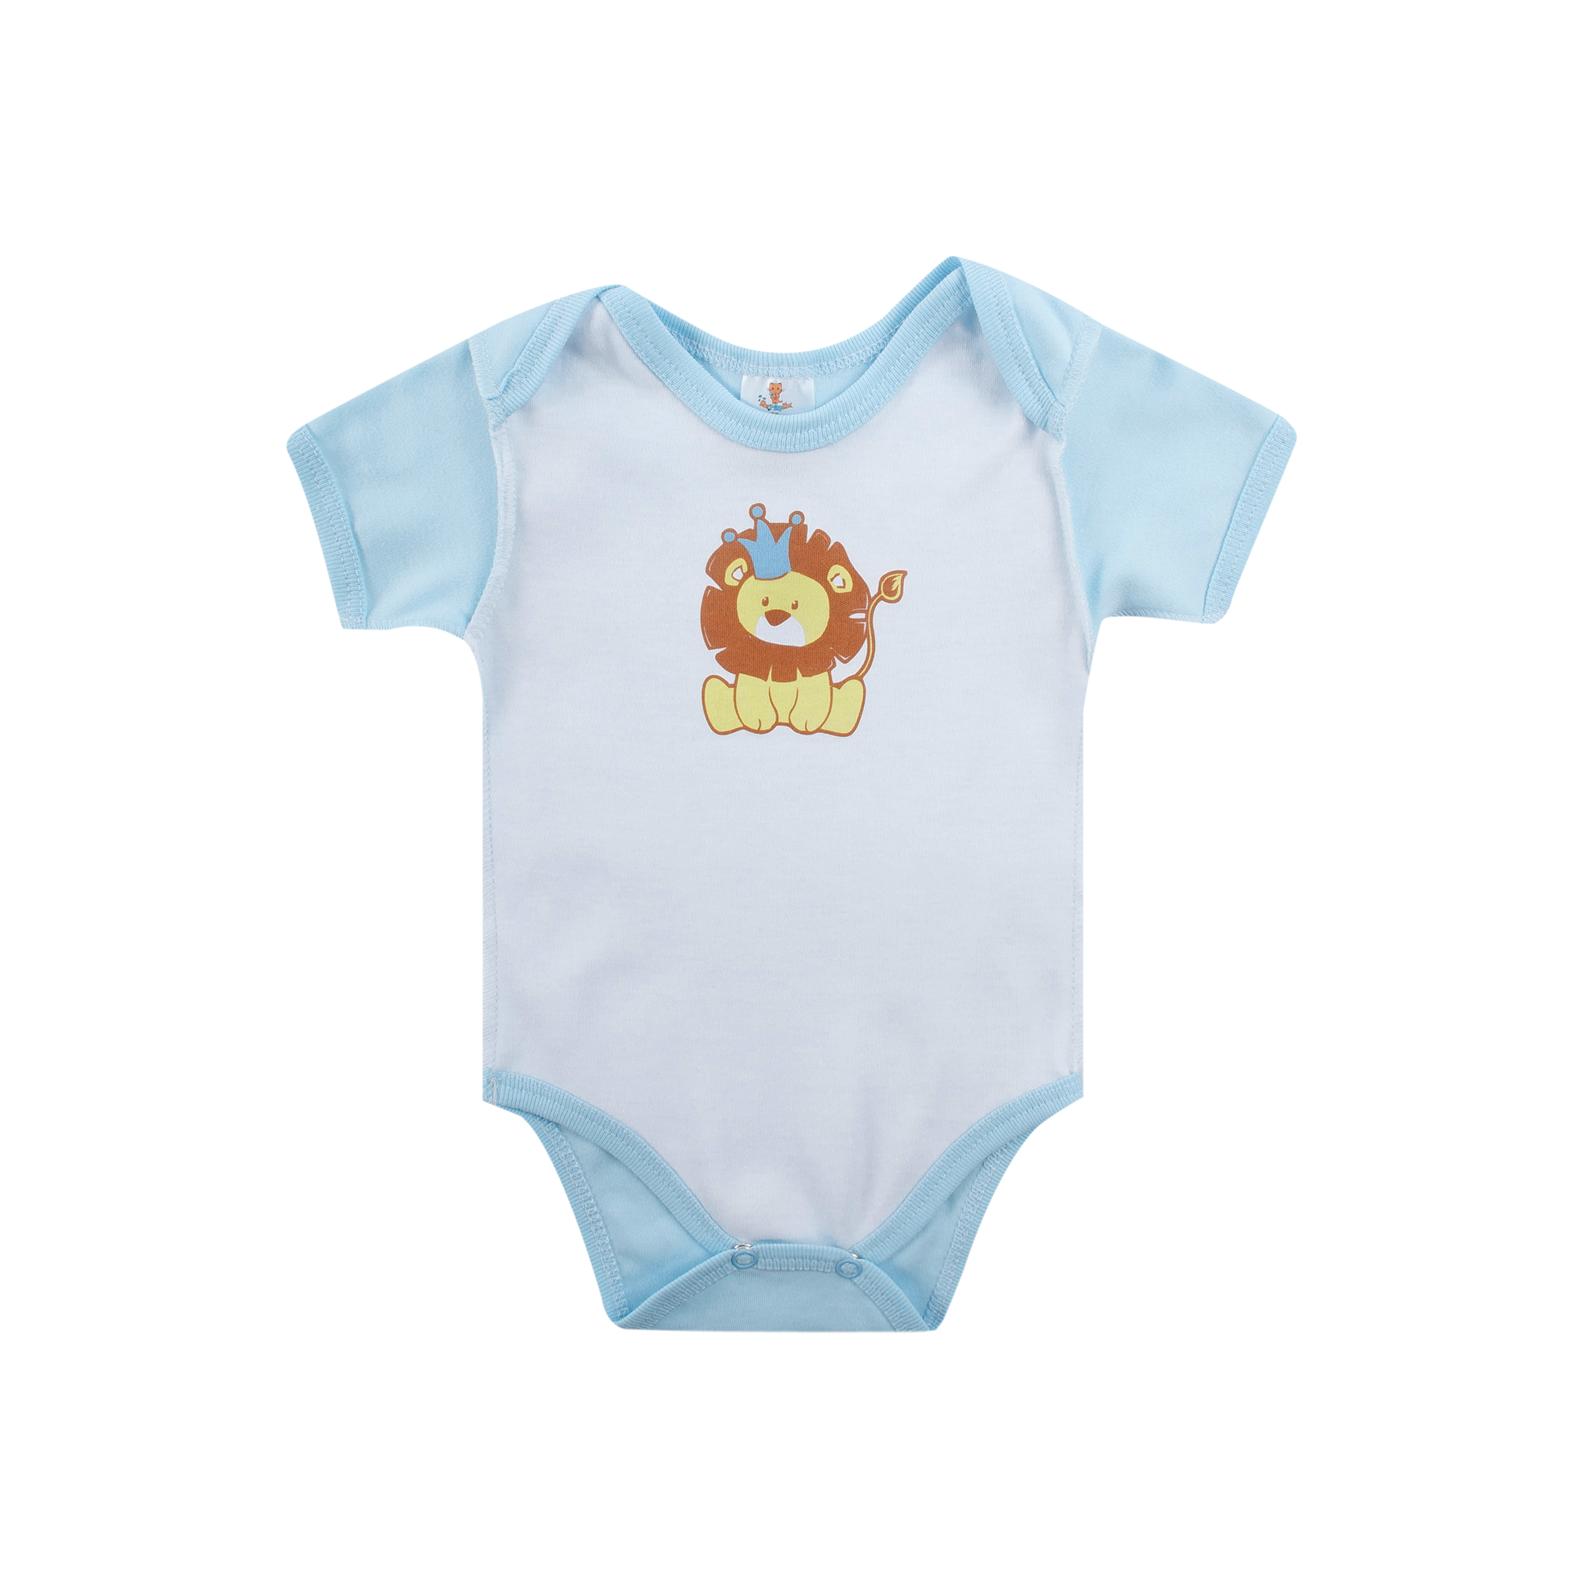 Боди с коротким рукавом КОТМАРКОТ для мальчика, цвет голубой 0-1 мес (размер 56 см)<br>